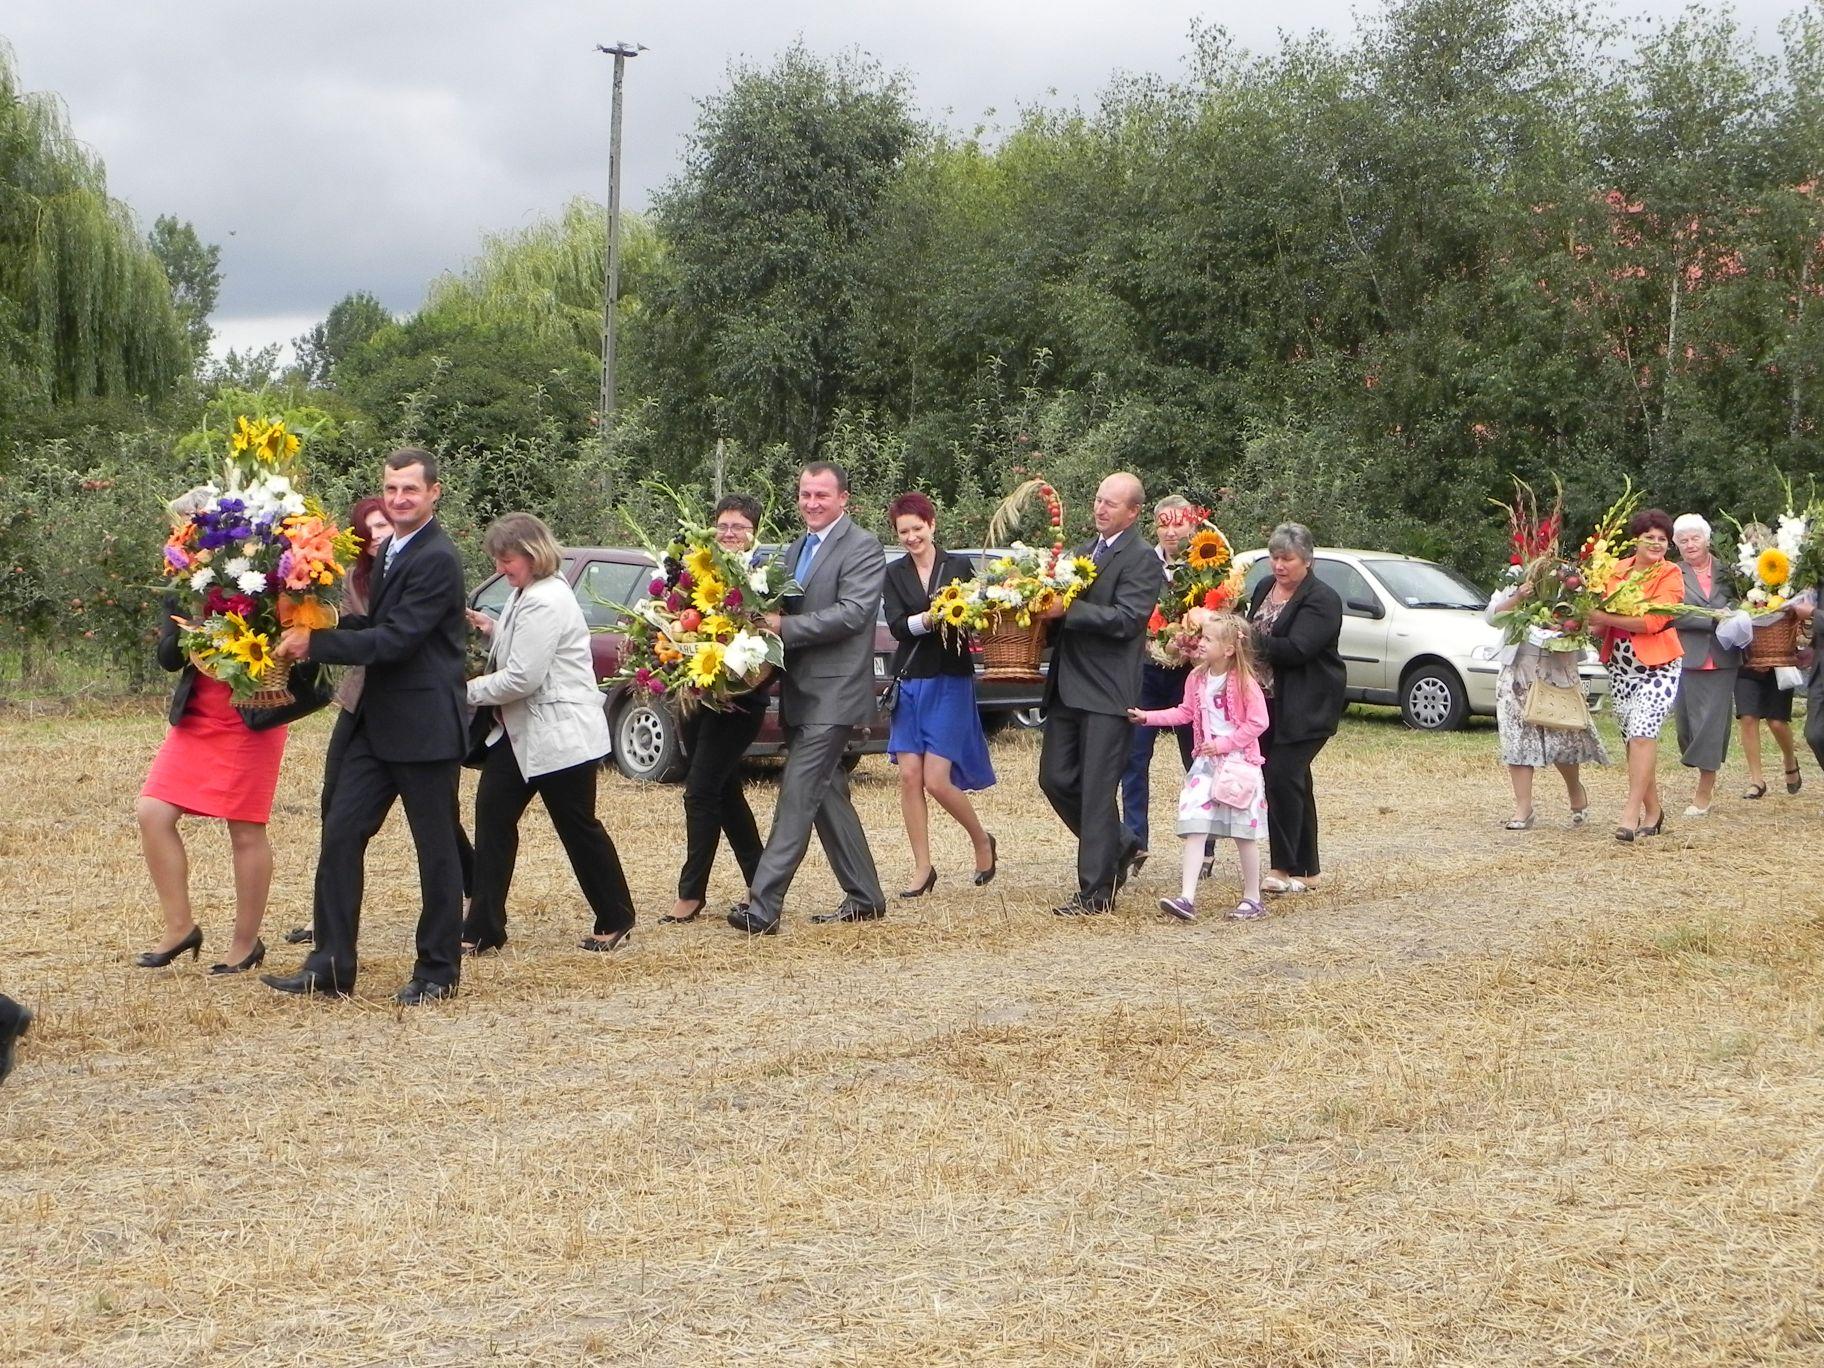 2012-08-16 Sadkowice - dożynki (34)